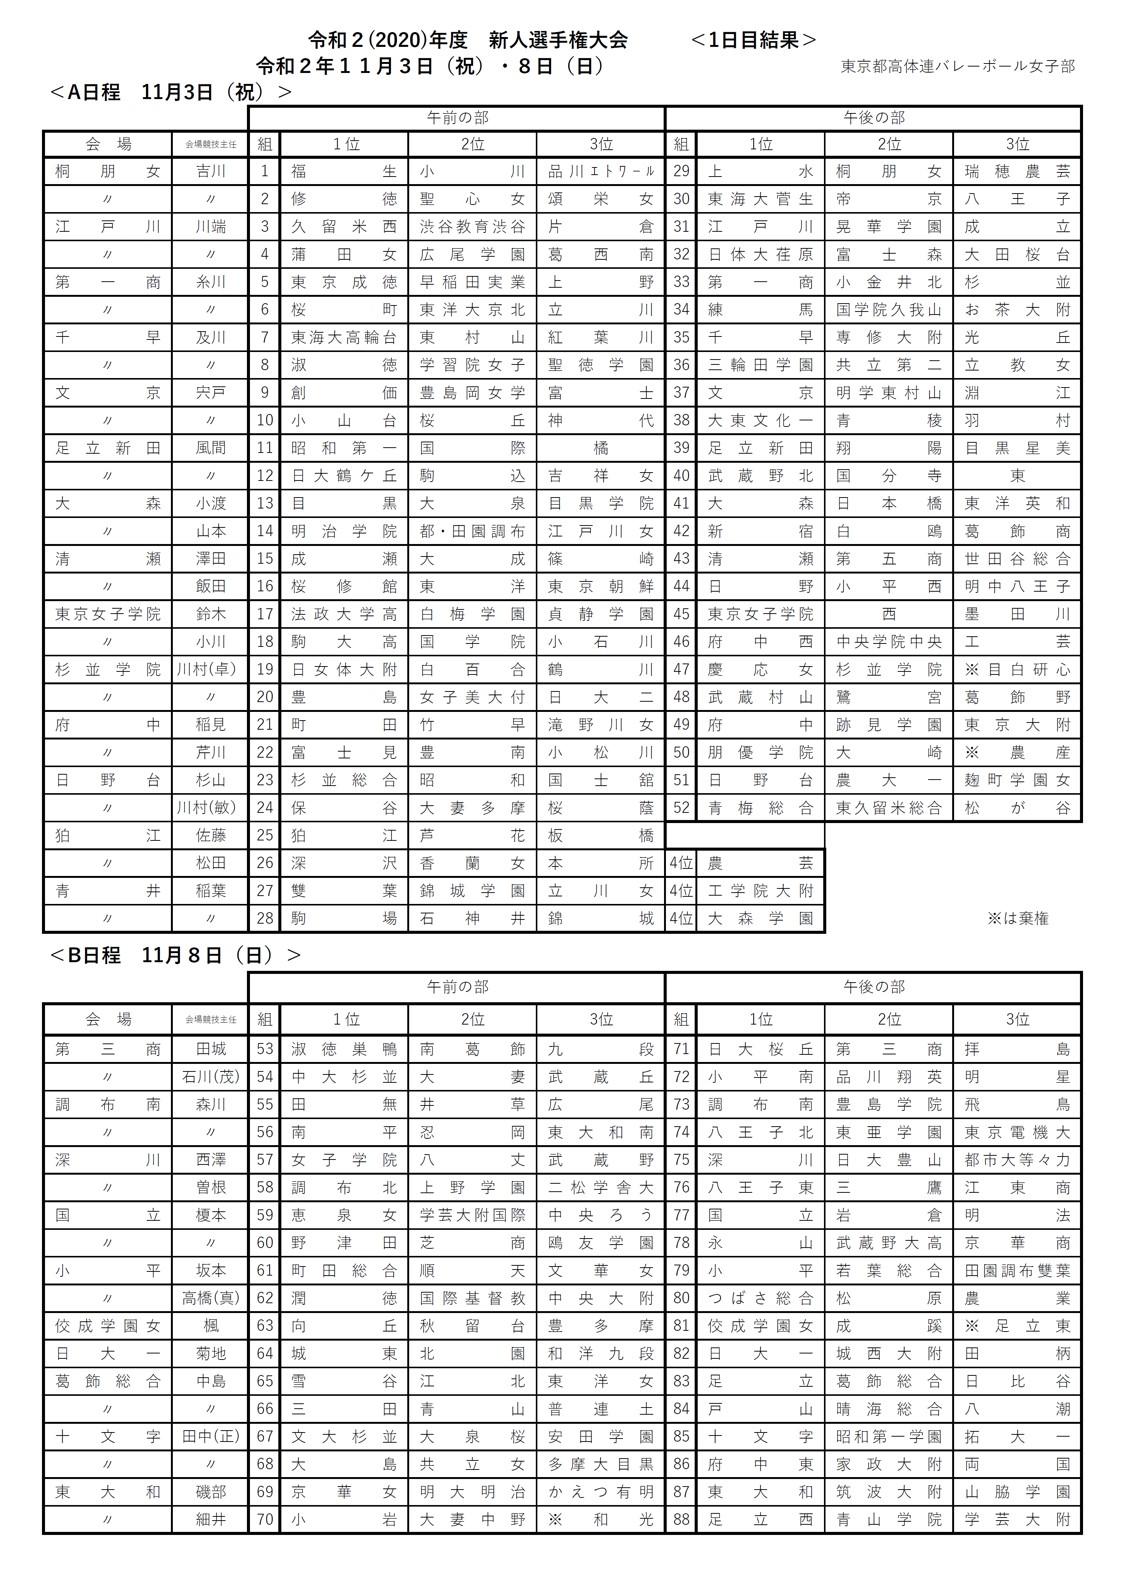 2020年度_高校新人大会_東京_女子_3日目結果_2